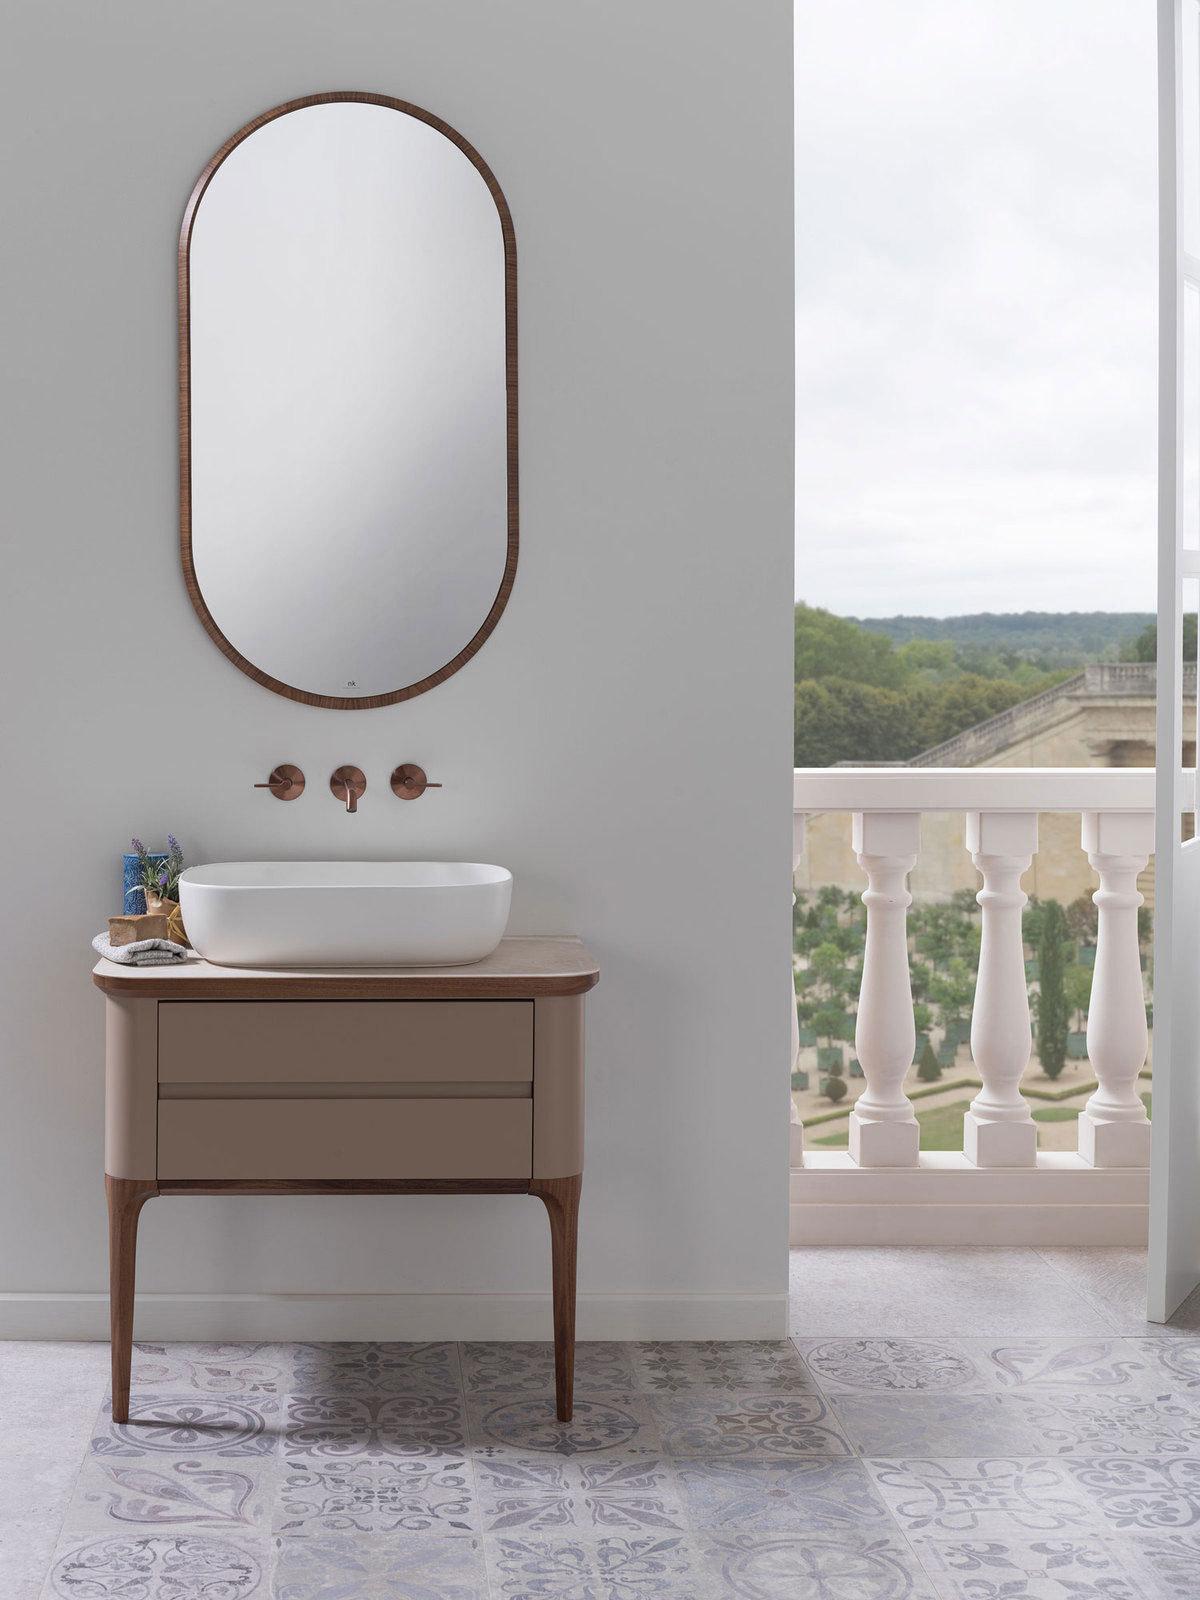 Les Cles Pour Concevoir Une Salle De Bains De Style Espagnol Noken